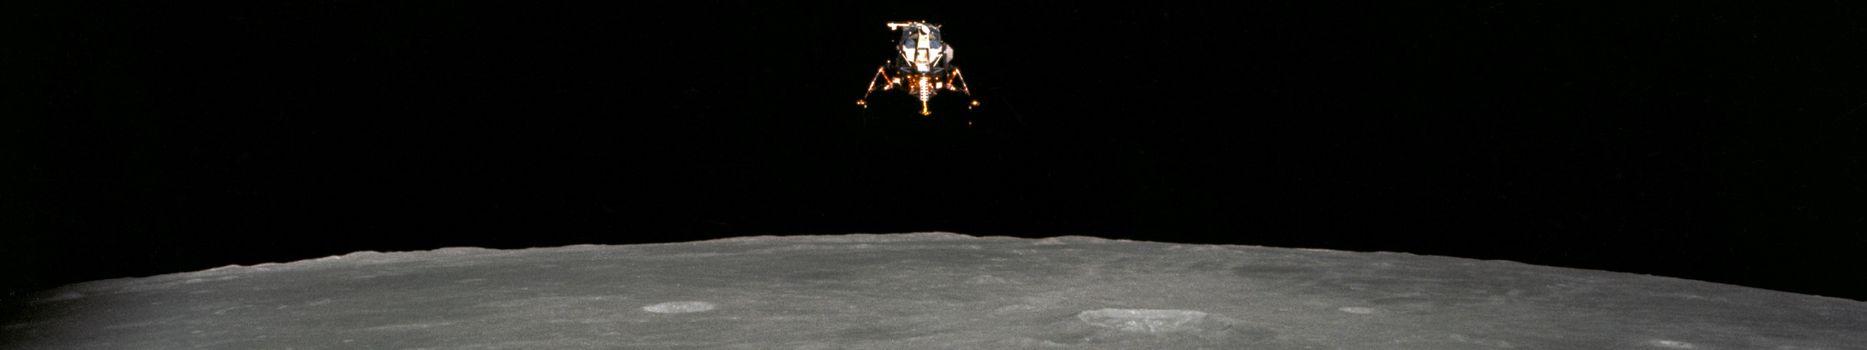 Бесплатные фото пространство,наса,земля,луна,аполлон,северная америка,ровер,скафандр,камень,черный,белый